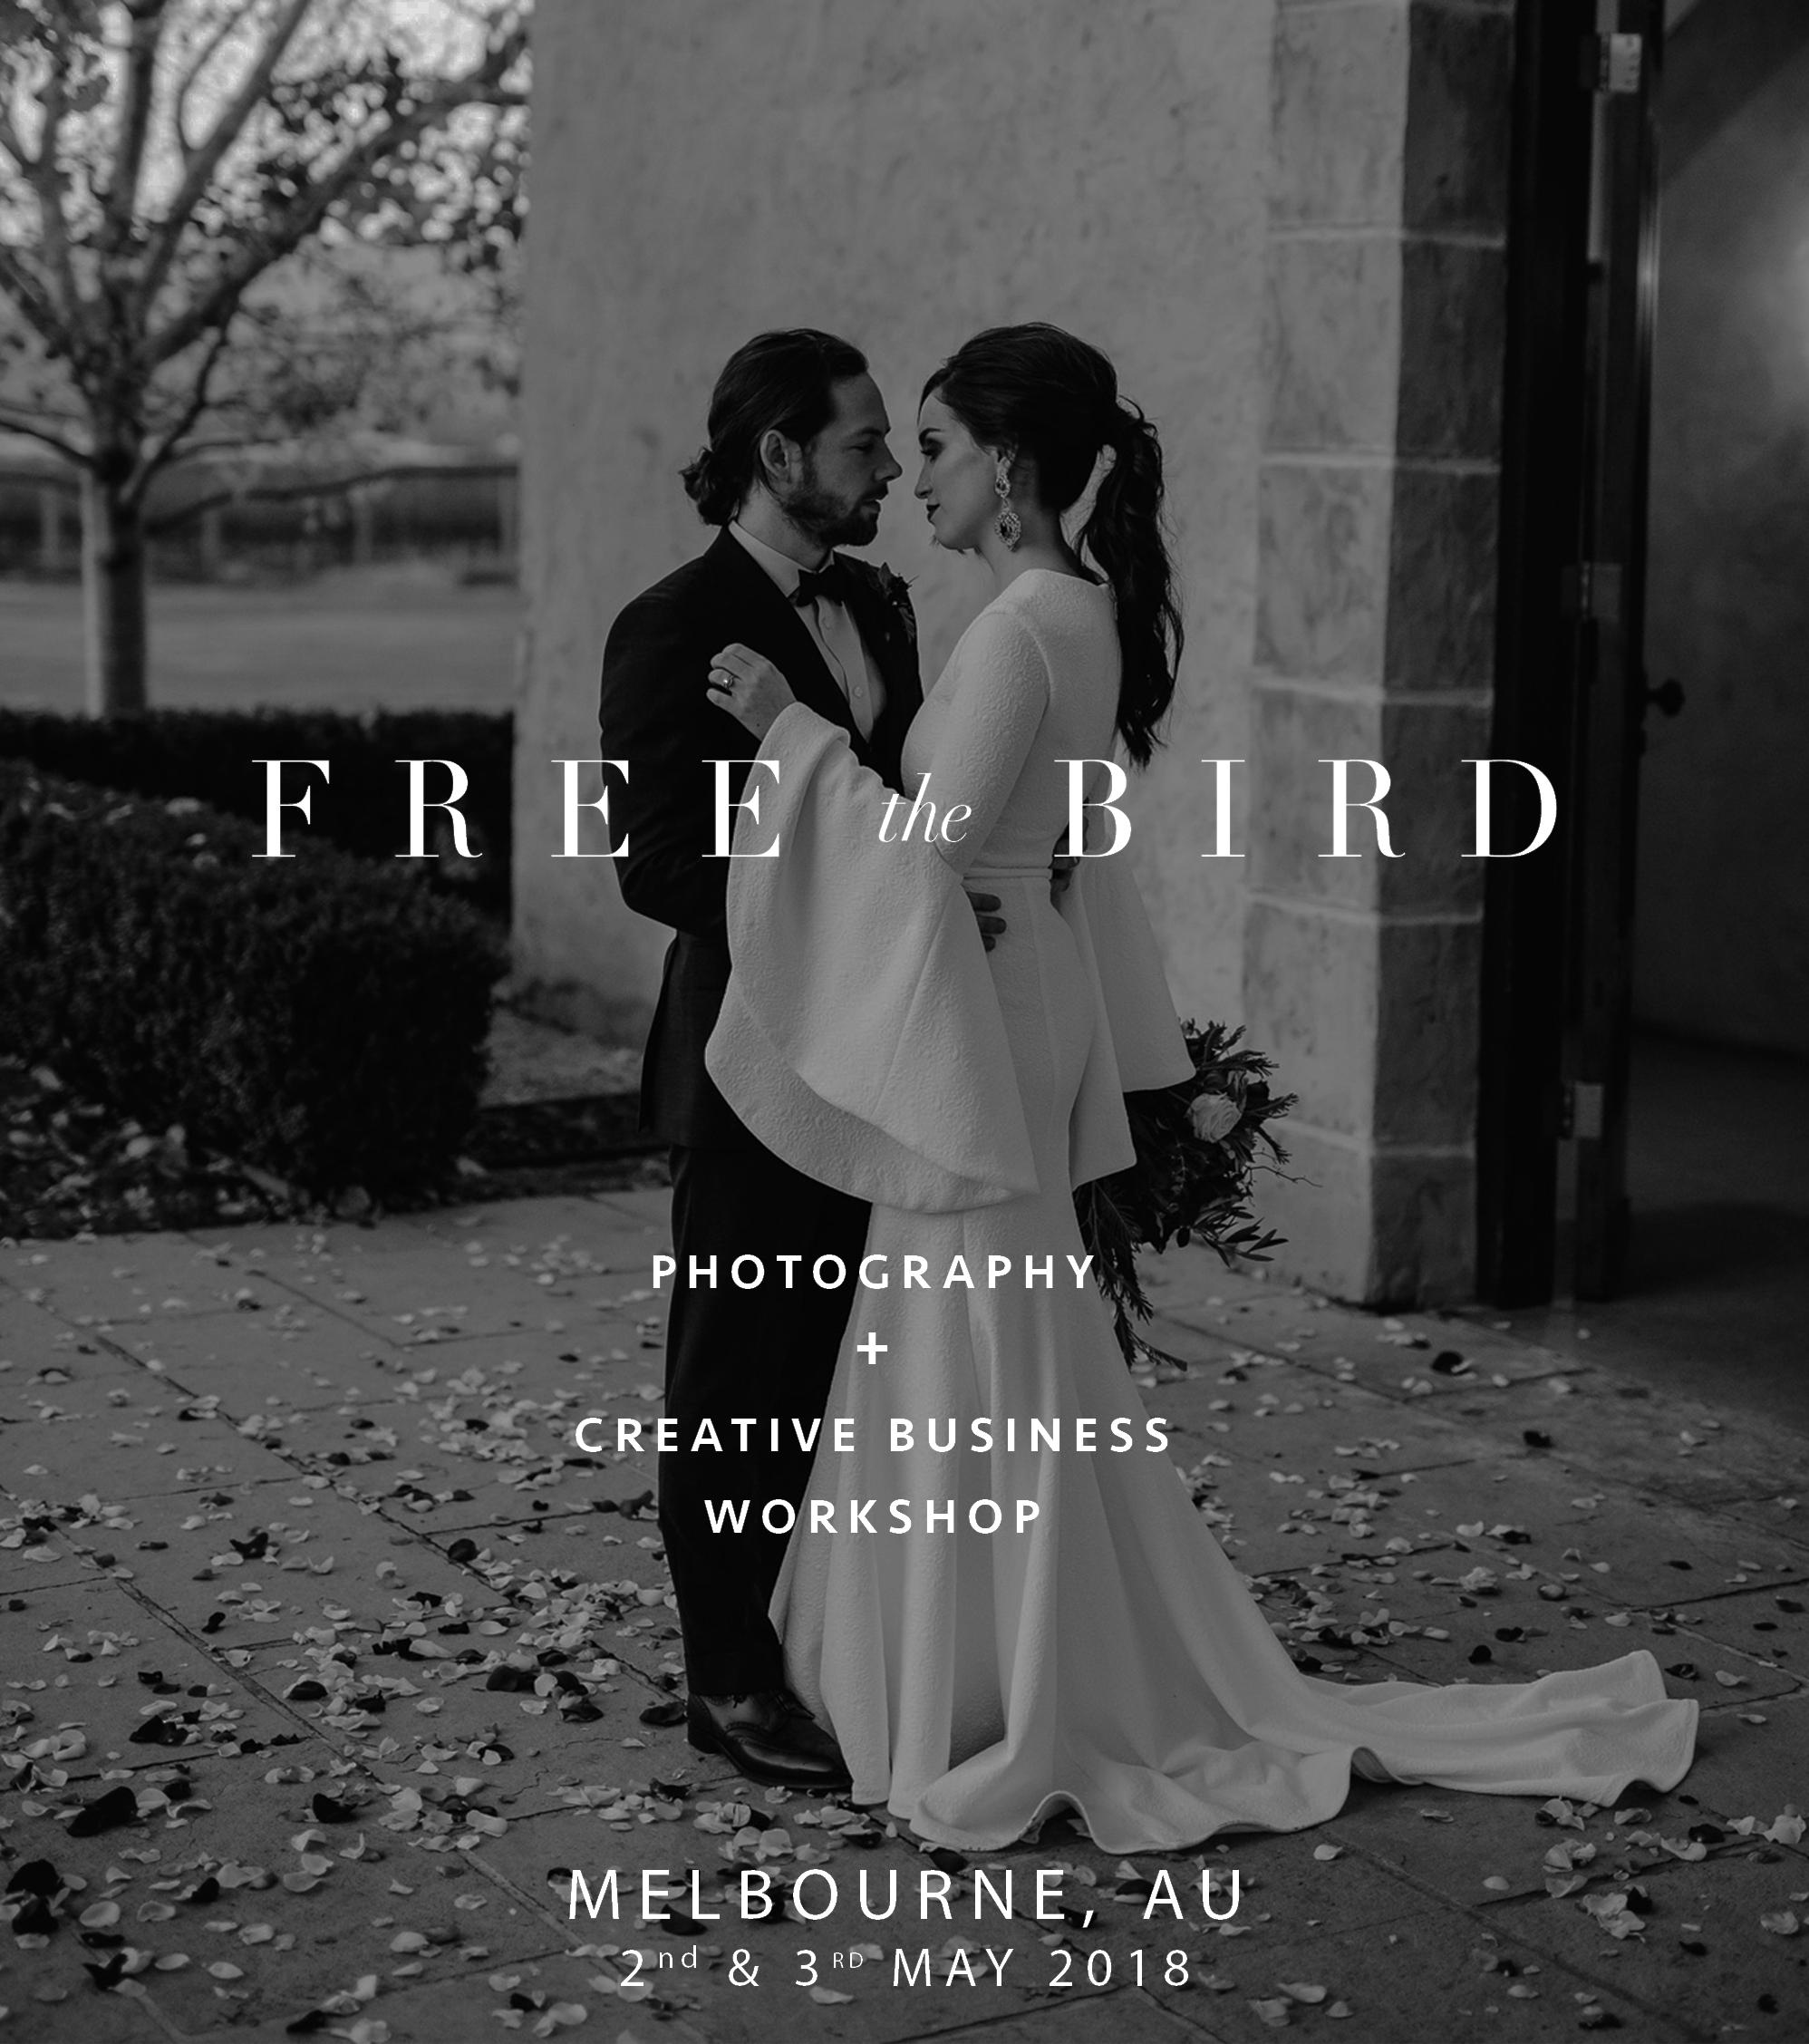 free the bird workshop